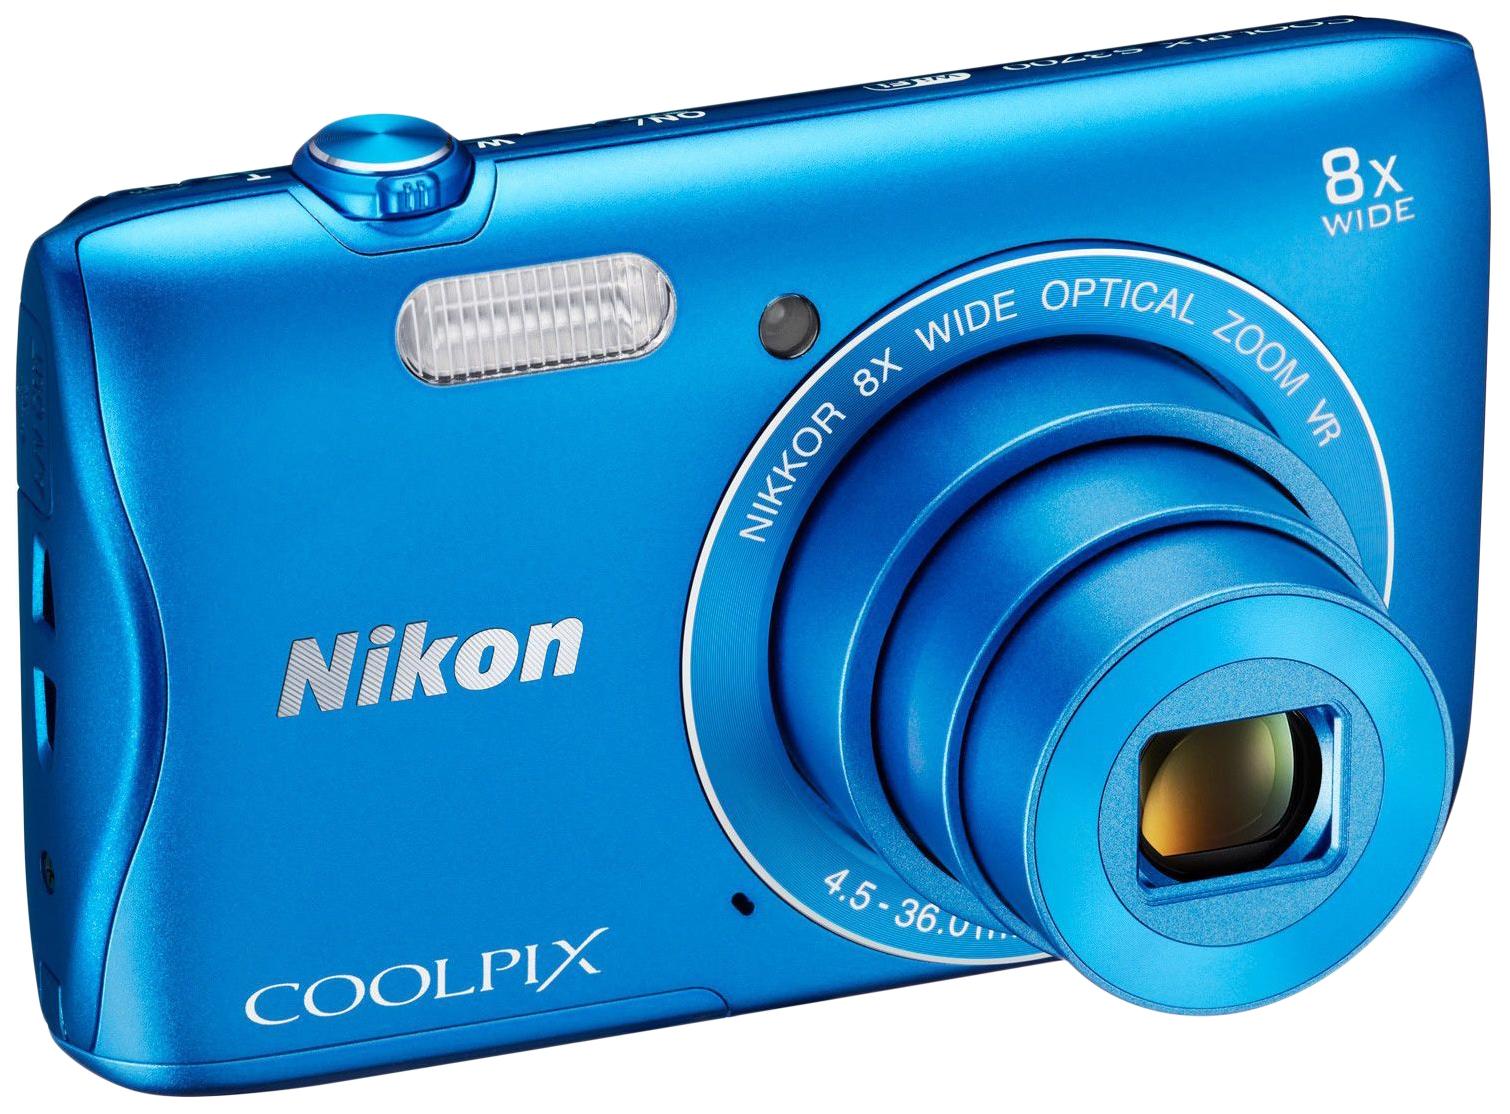 посоветуйте компактный цифровой фотоаппарат